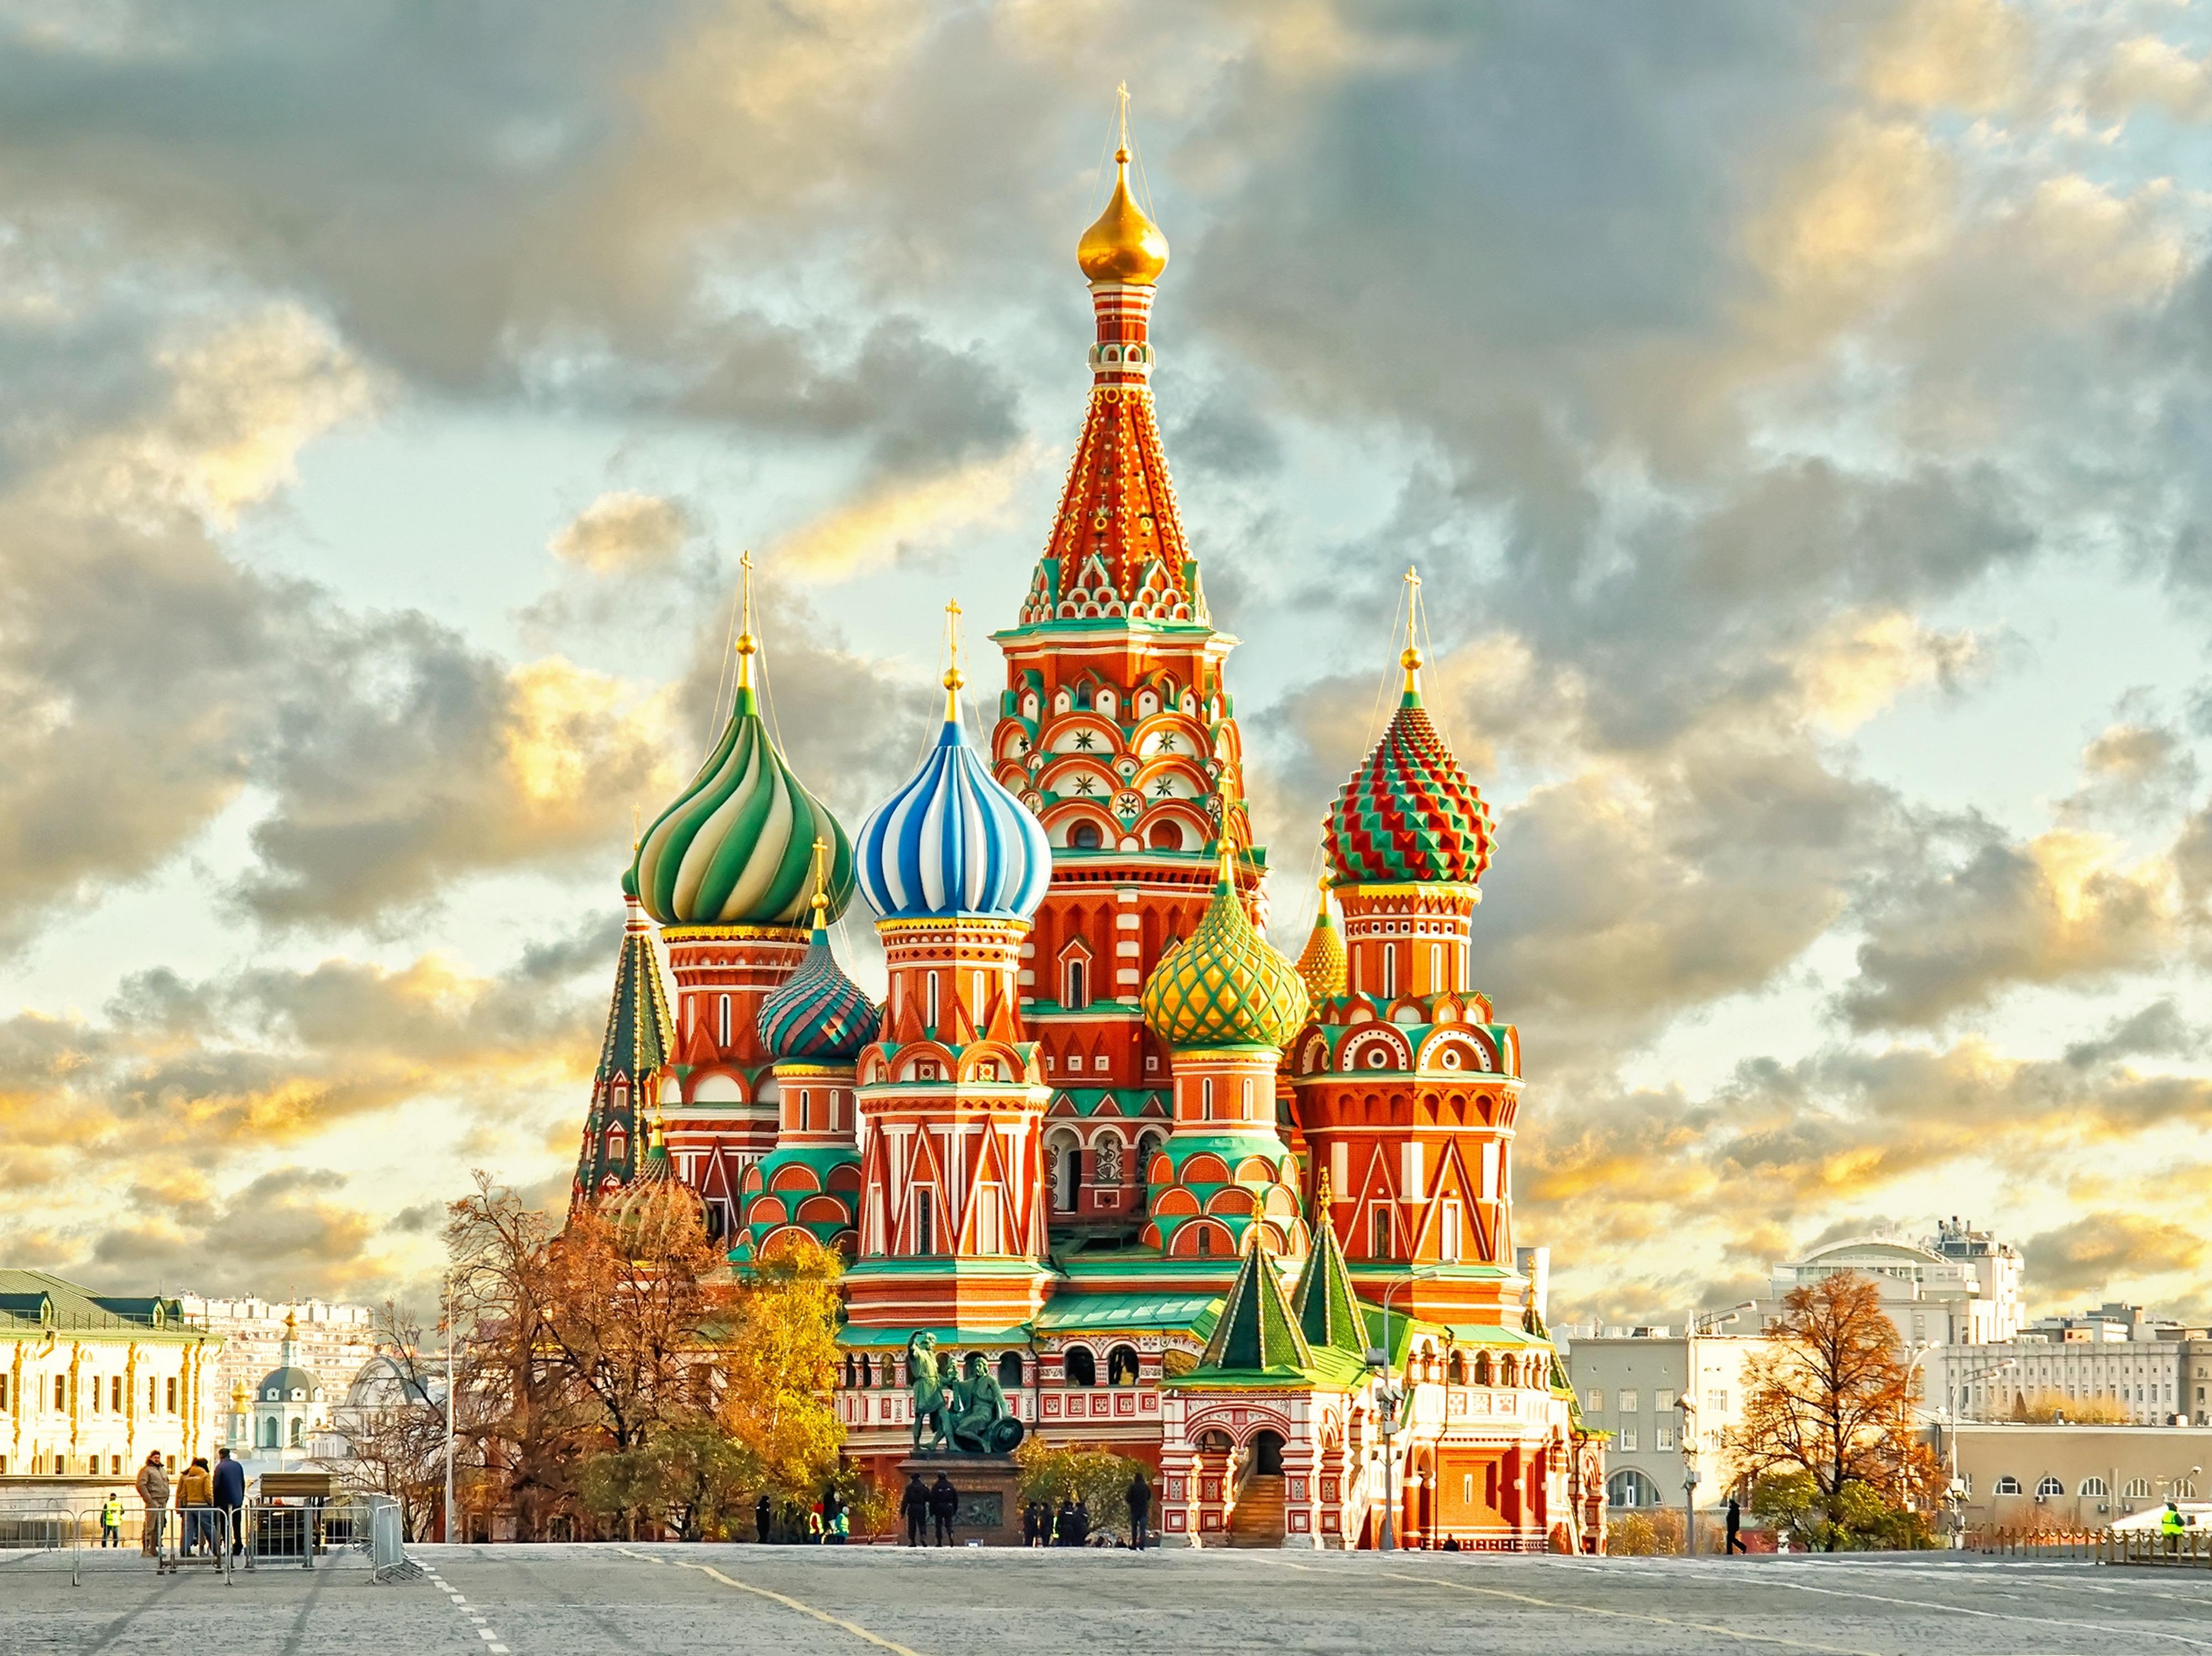 Тур выходного дня в Москву из Минска - экскурсия, поездка на выходные